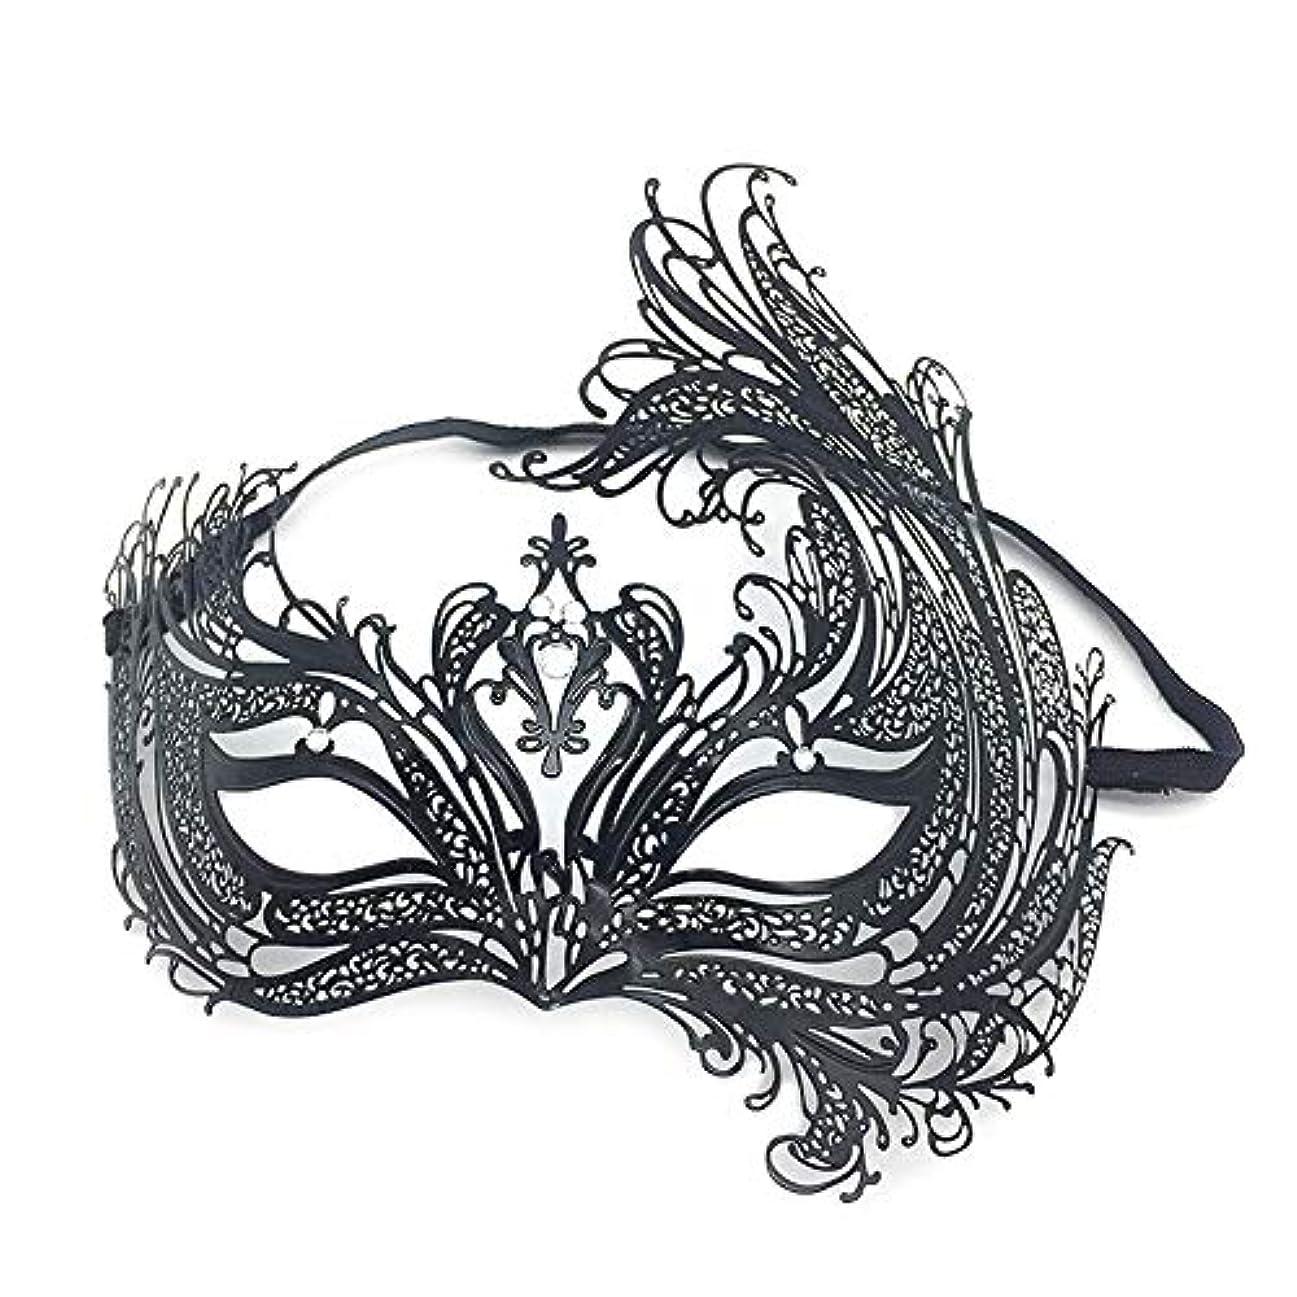 勝利共役乳白色ダンスマスク 仮面舞踏会パーティーブラックセクシーハーフフェイスフェニックスハロウィーンロールプレイングメタルマスクガール ホリデーパーティー用品 (色 : ブラック, サイズ : 20x19cm)